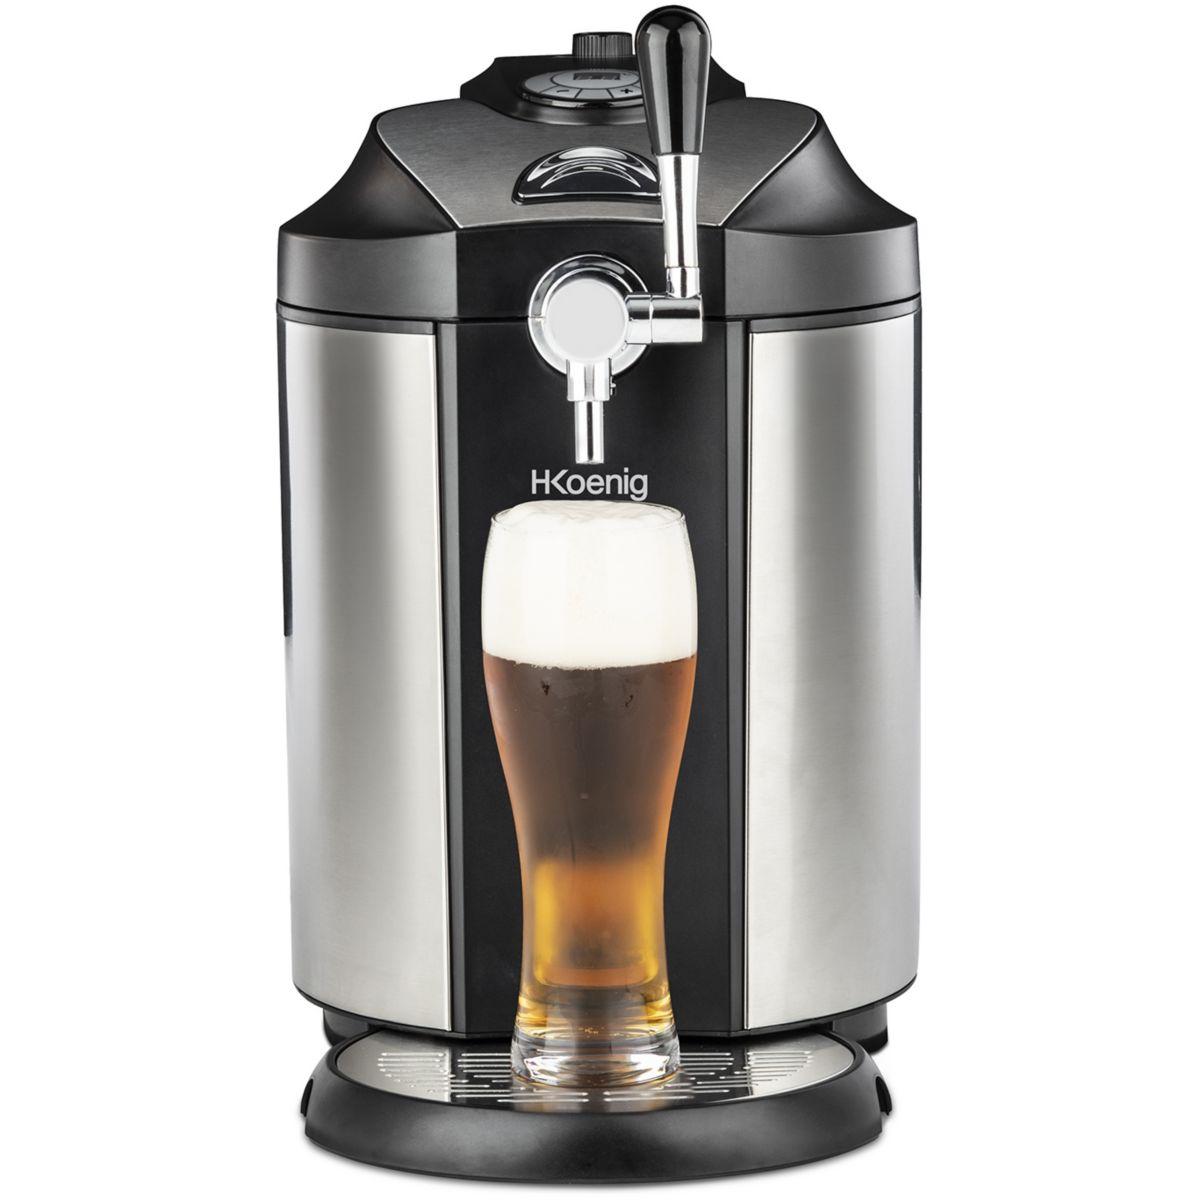 Tireuse à bière H.KOENIG BW1890 (photo)